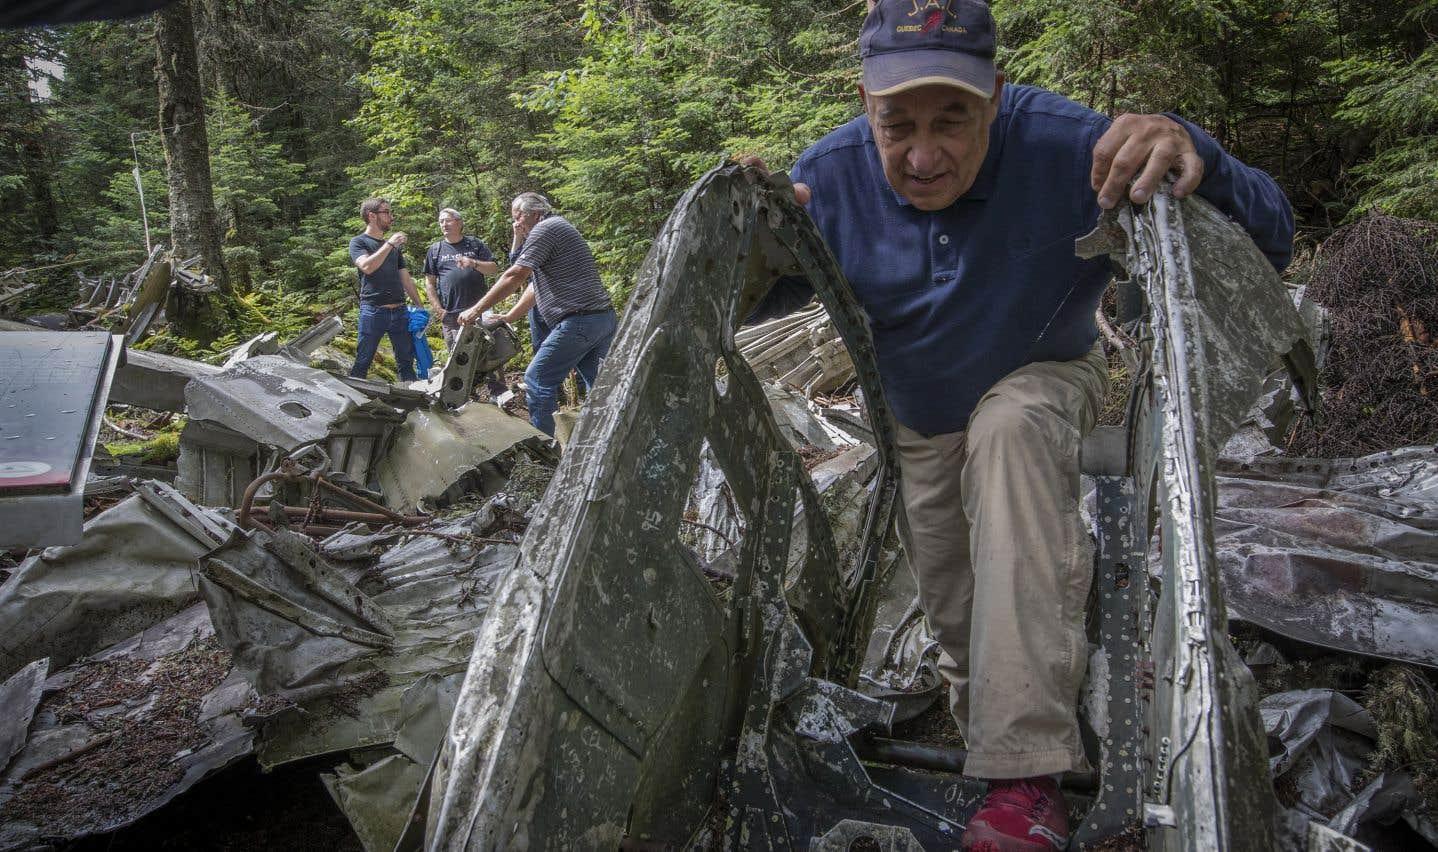 Après quelques heures de marche, on peut découvrir les débris empilés en bordure du sentier. À l'avant-plan, Jacques Deguire inspecte l'une des pièces.